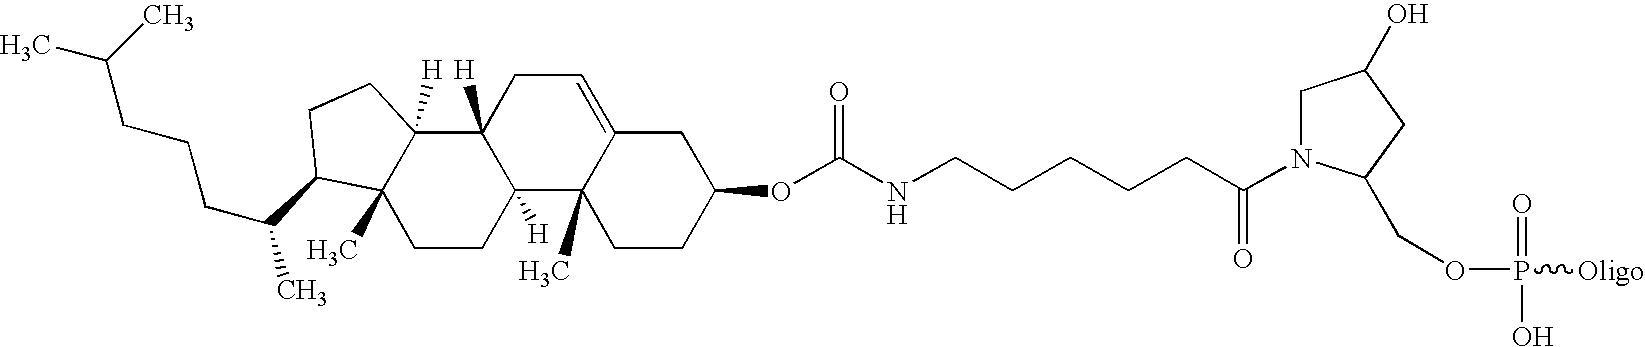 Figure US08188060-20120529-C00008